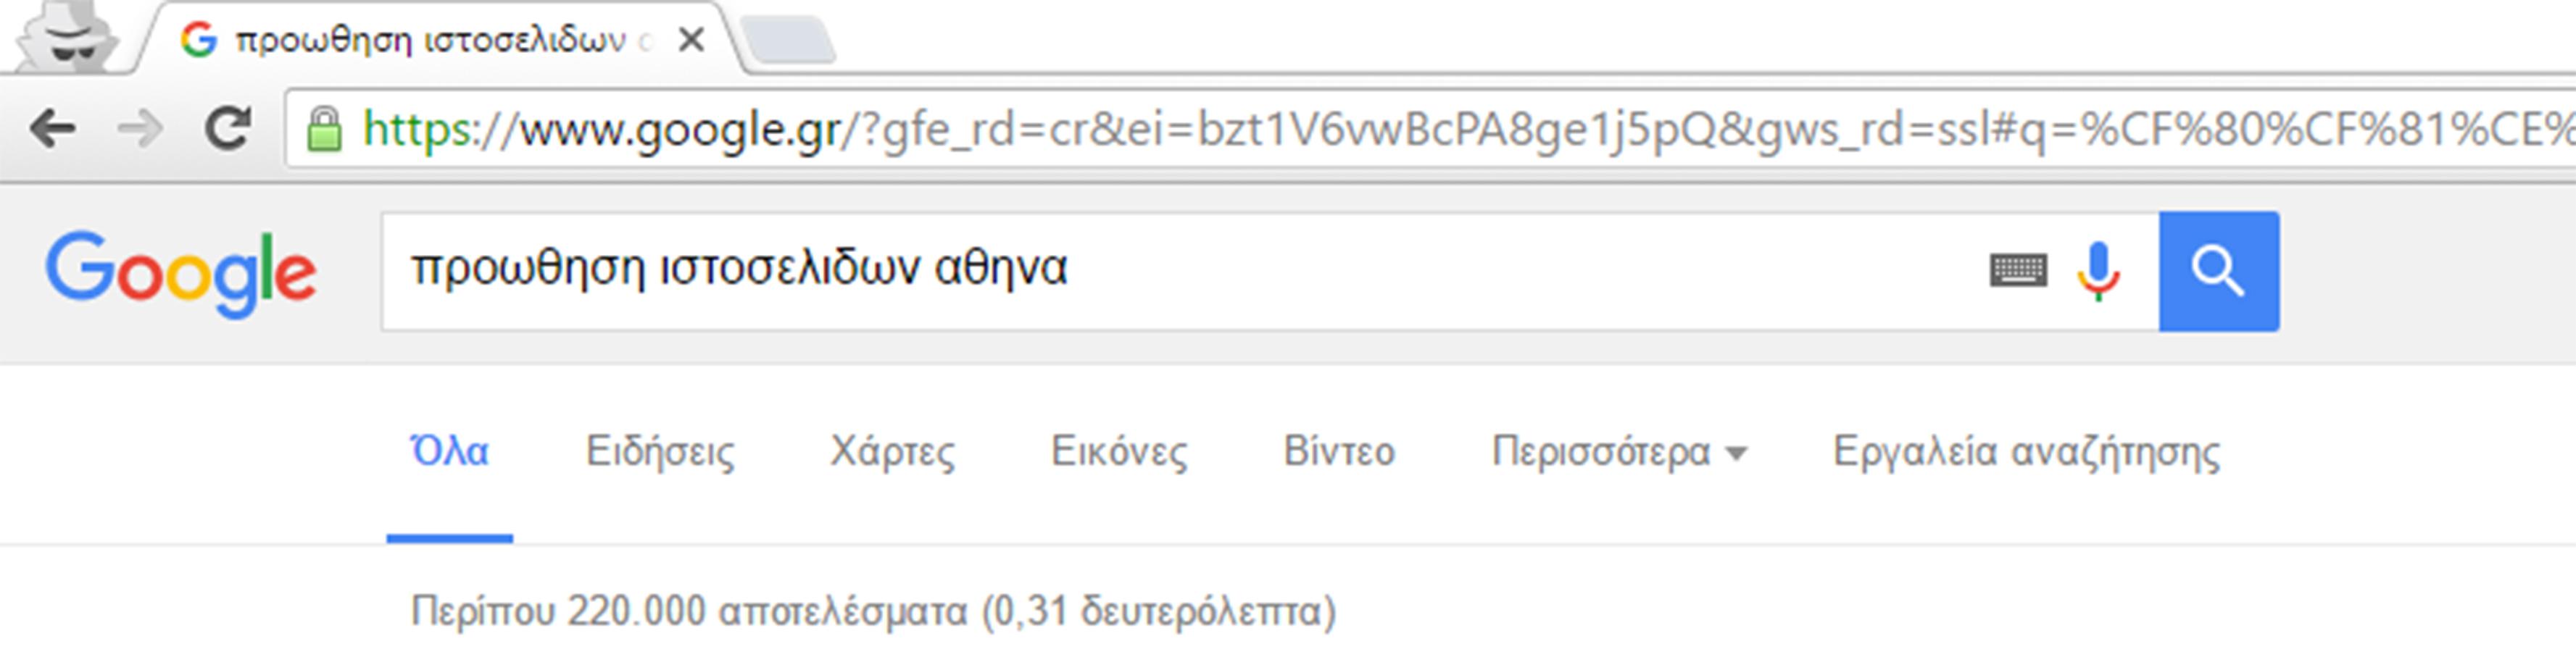 Εικόνα 7 Αποτελέσματα αναζήτησης για τη φράση «προώθηση ιστοσελίδων Αθήνα».